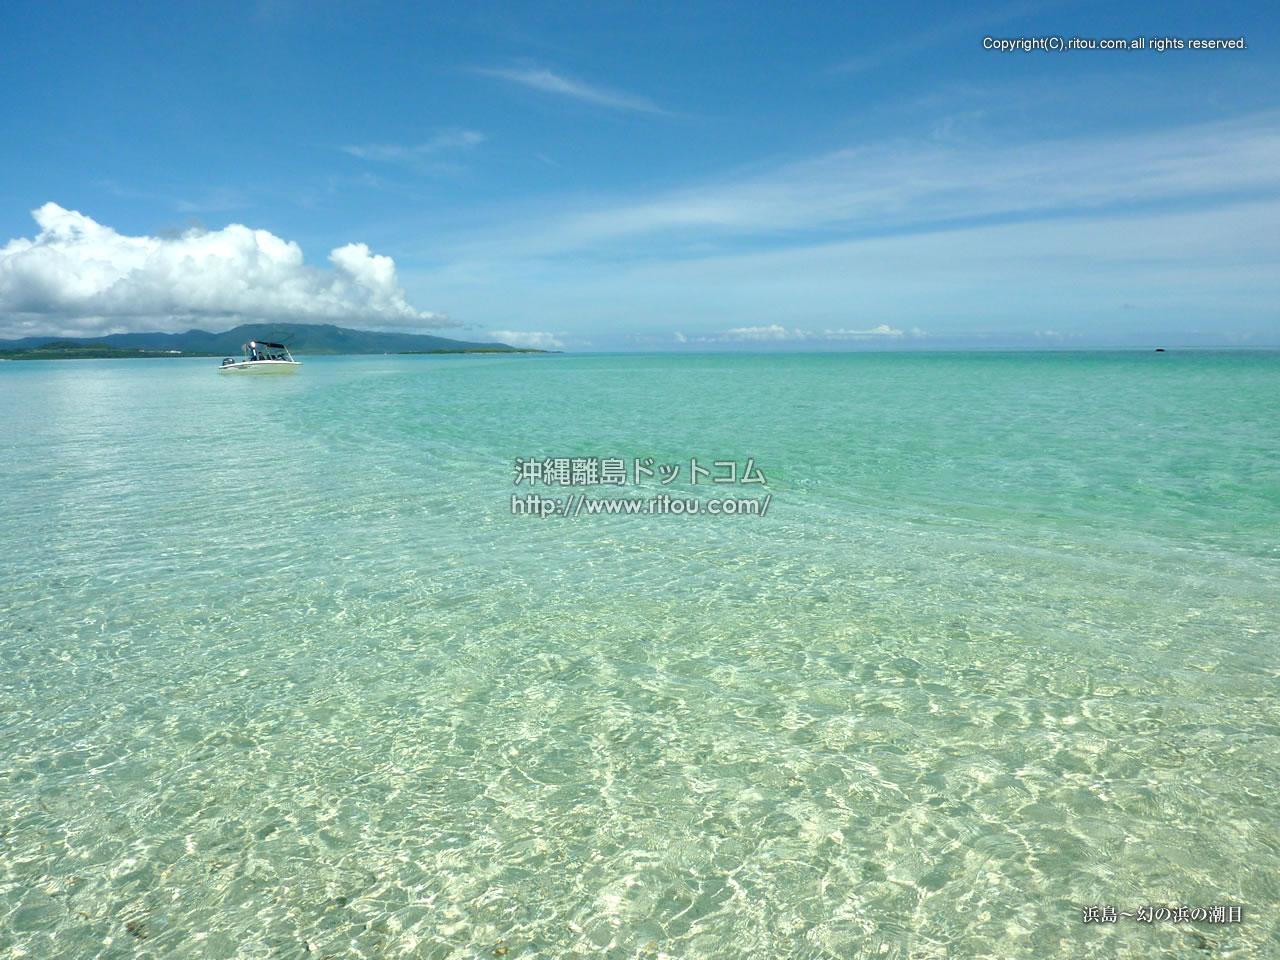 浜島〜幻の浜の潮目